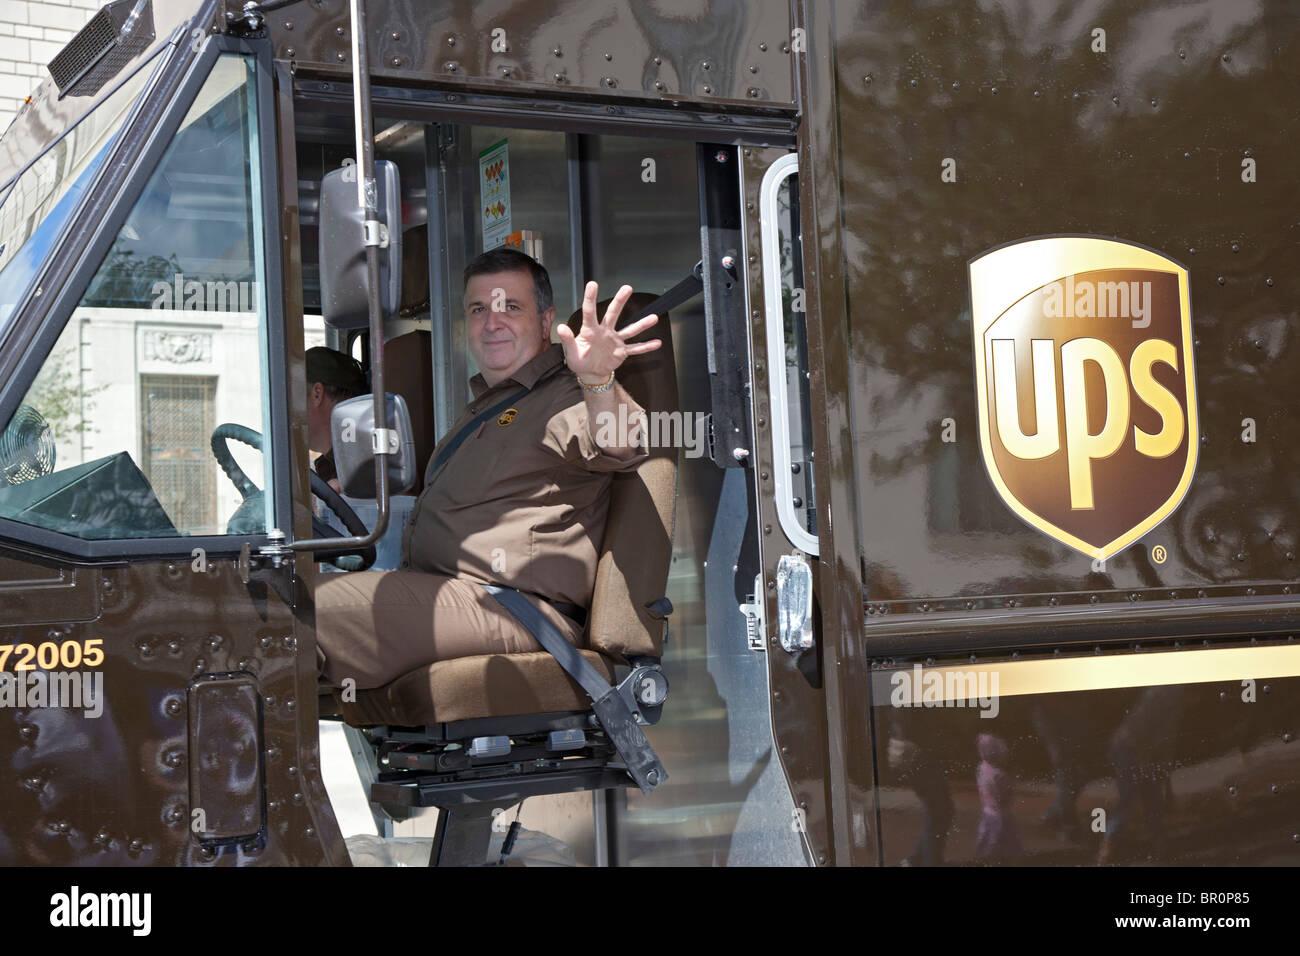 Indianapolis, Indiana - Un United Parcel Service Delivery carrello nella parata del giorno del lavoro. Immagini Stock